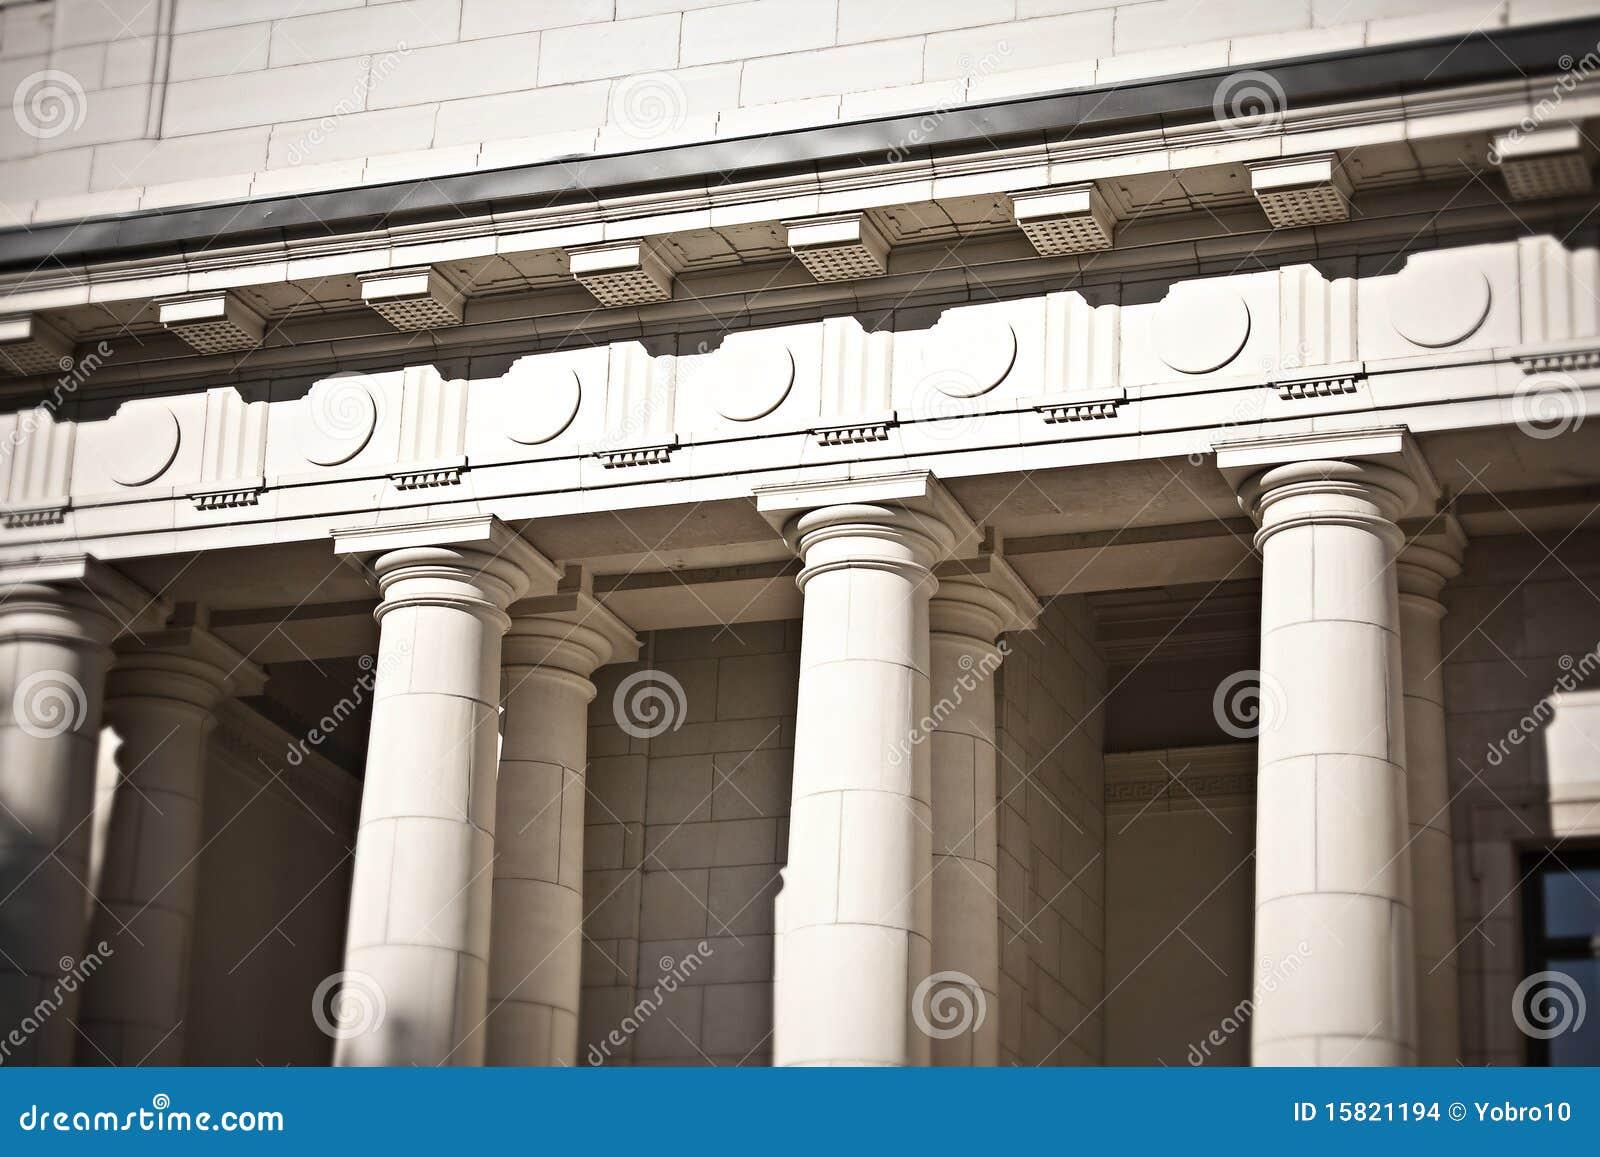 Pilares Y Columnas Of Pilares Y Configuraci N De Las Columnas Imagenes De